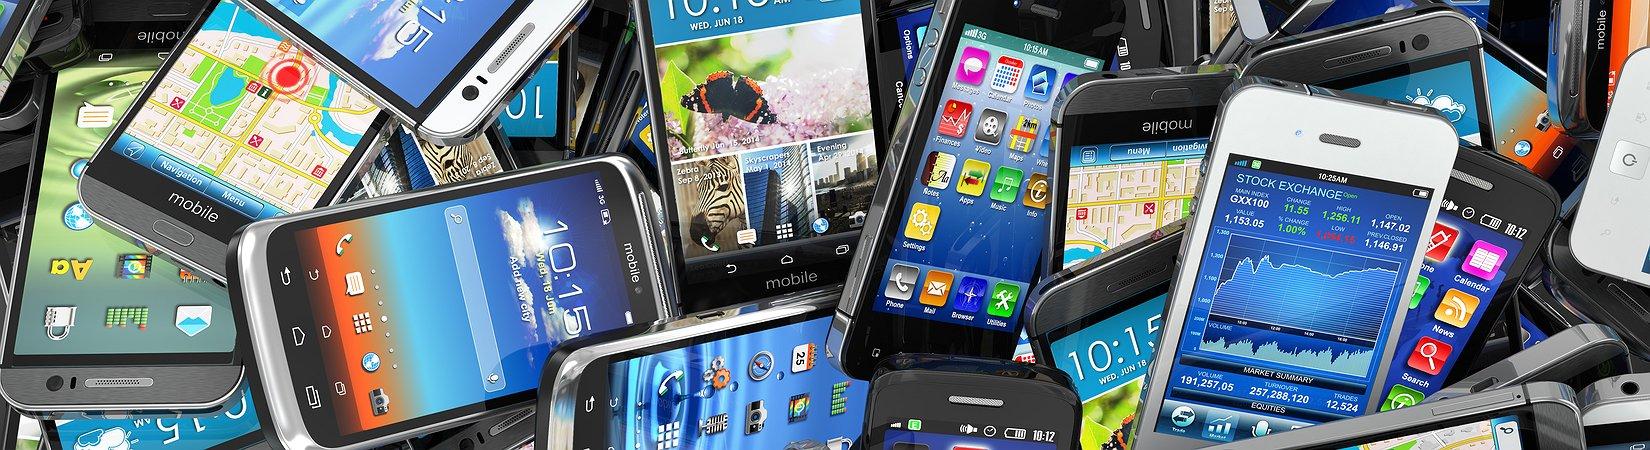 Los smartphones más populares del mundo